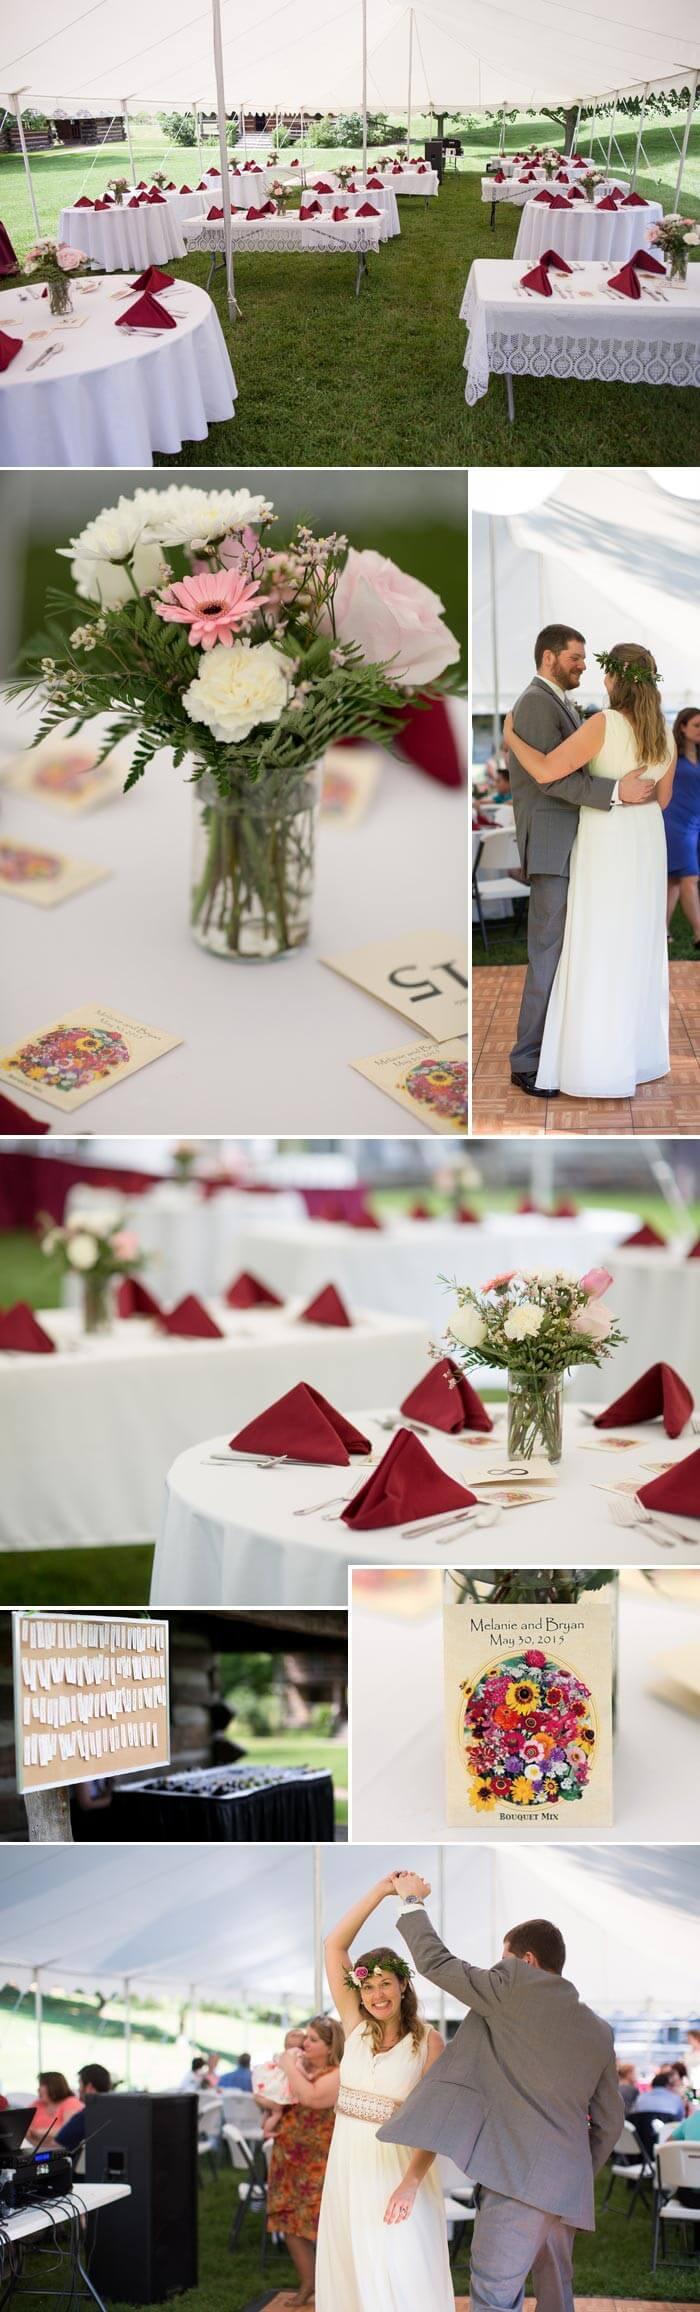 Park-Hochzeit